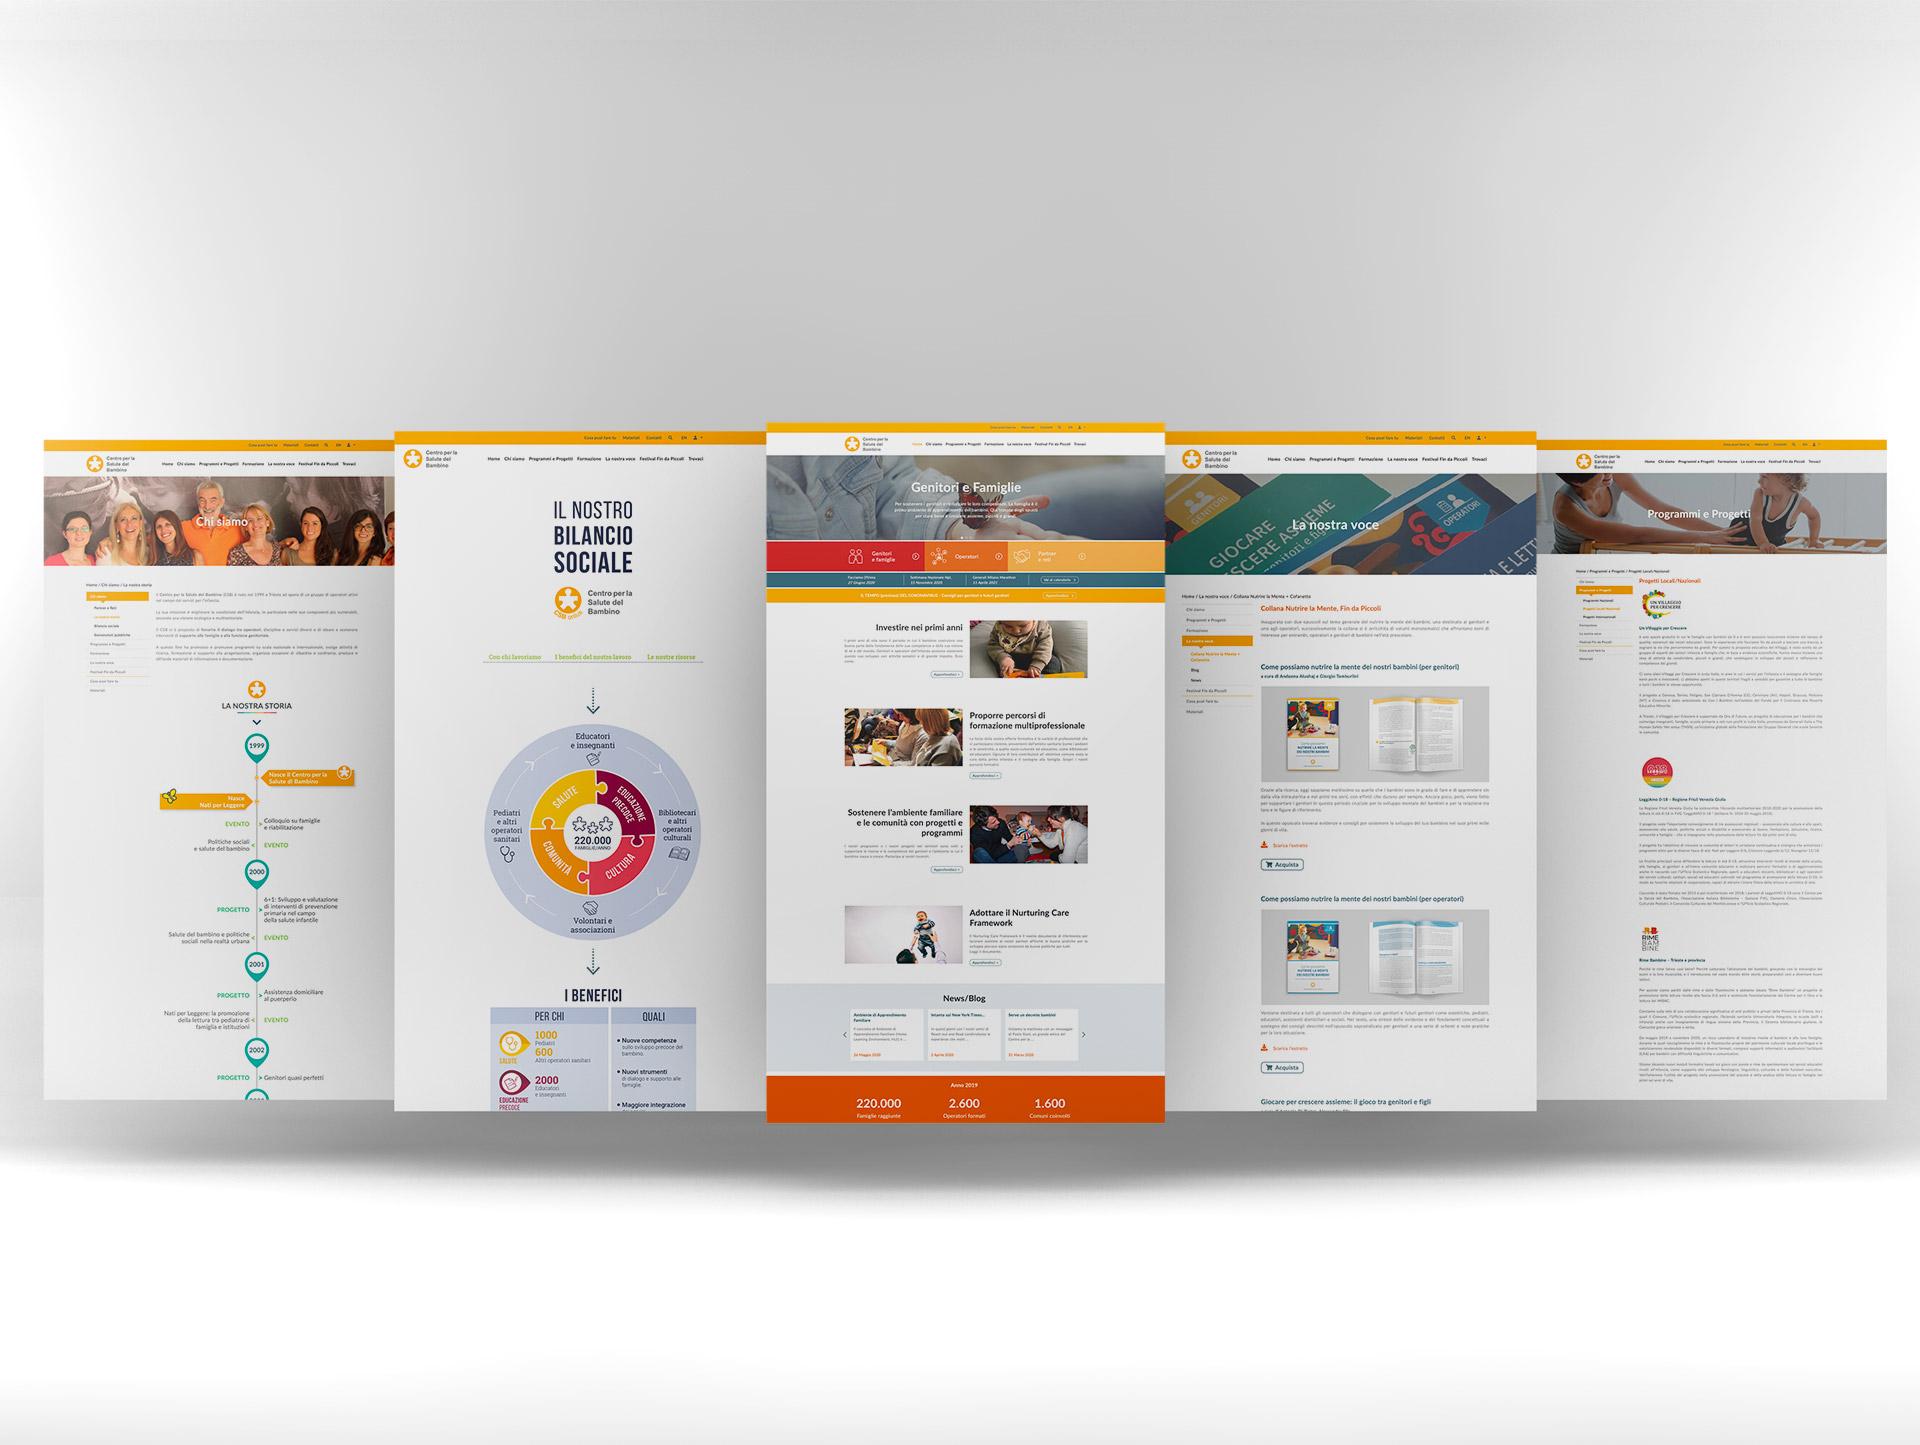 Grafica di 5 pagine affiancate che mostrano le grafiche interne del sito CSB